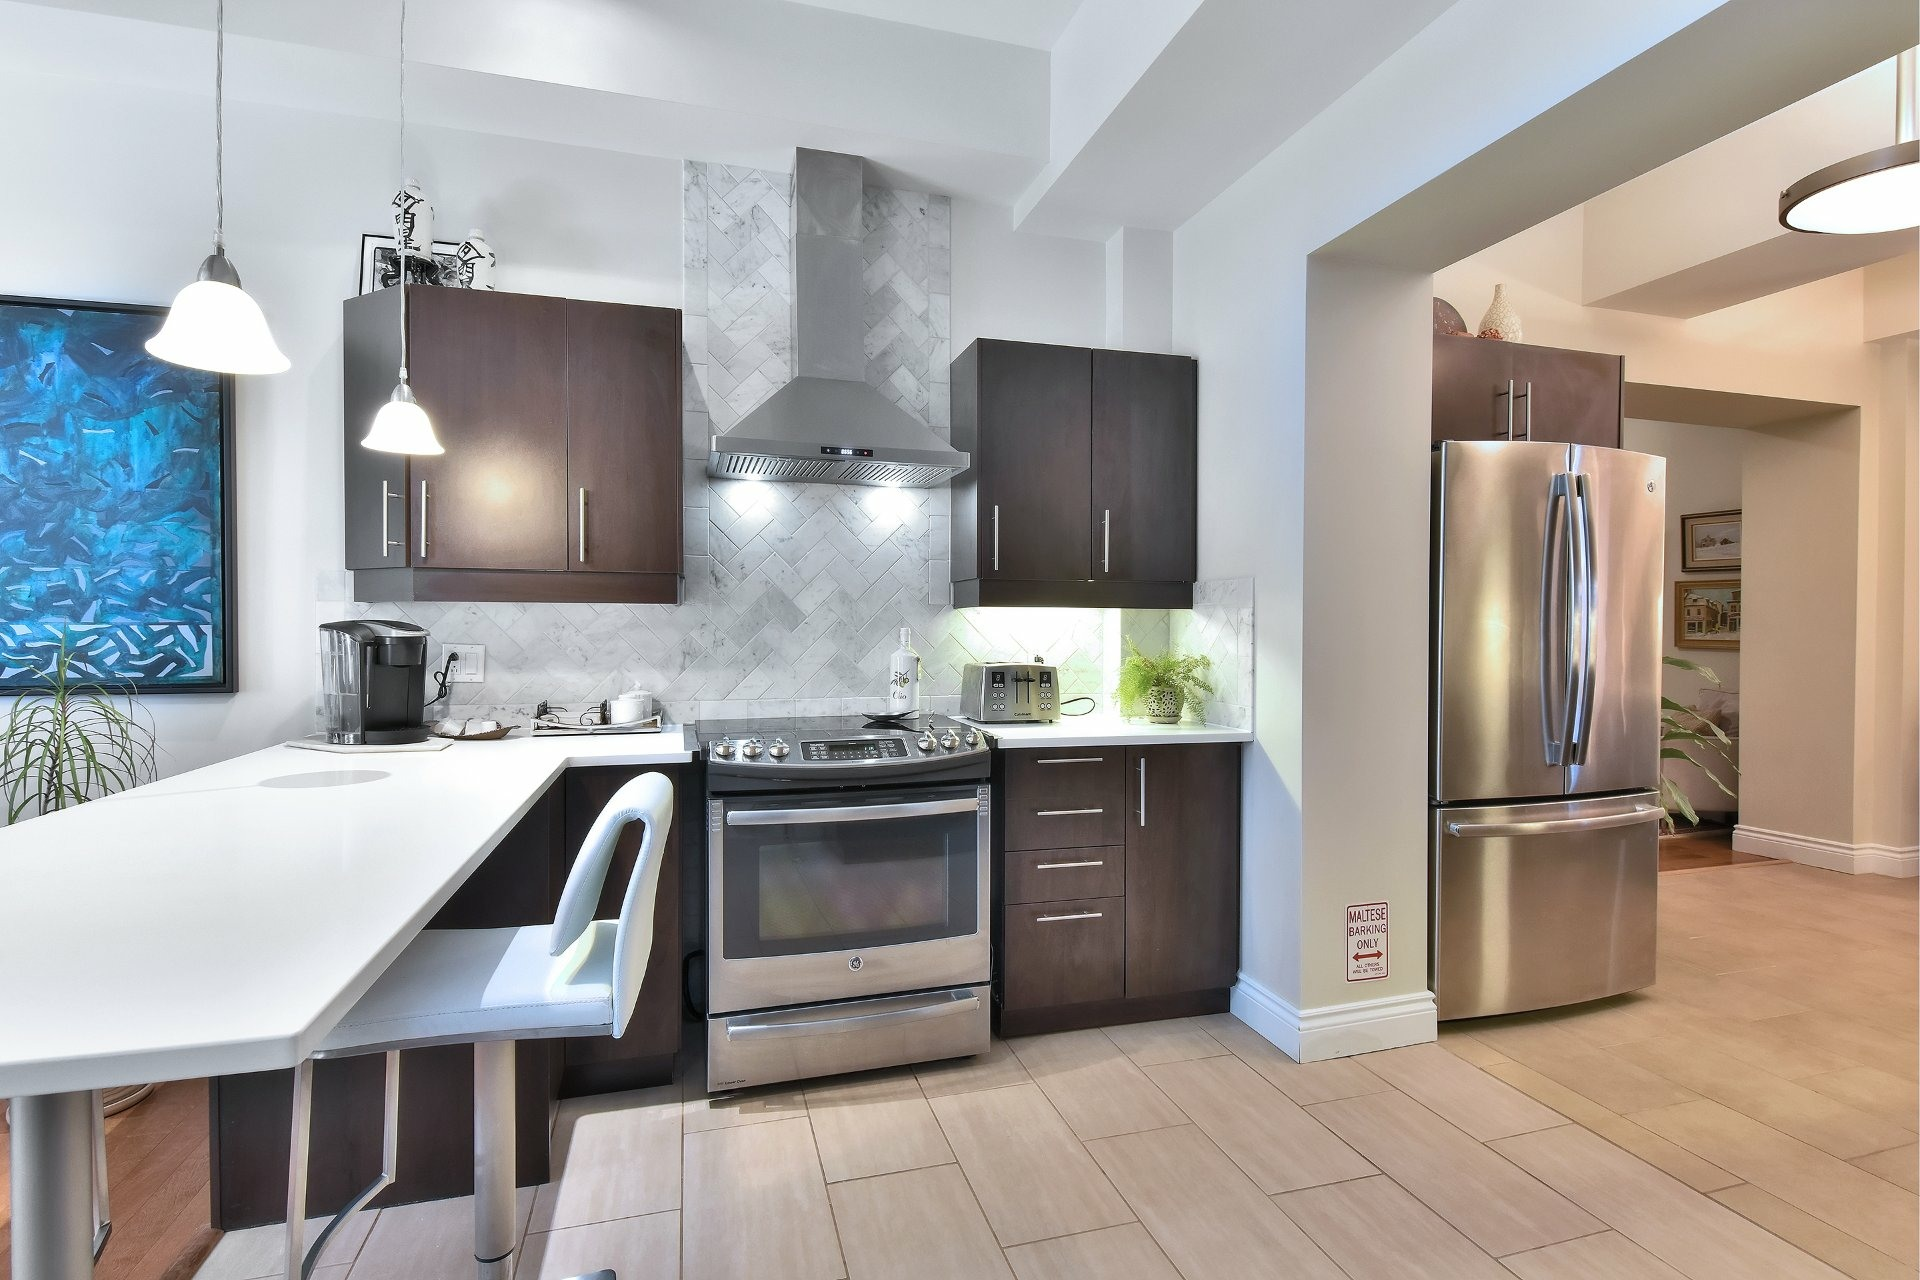 image 10 - Appartement À vendre Côte-des-Neiges/Notre-Dame-de-Grâce Montréal  - 5 pièces